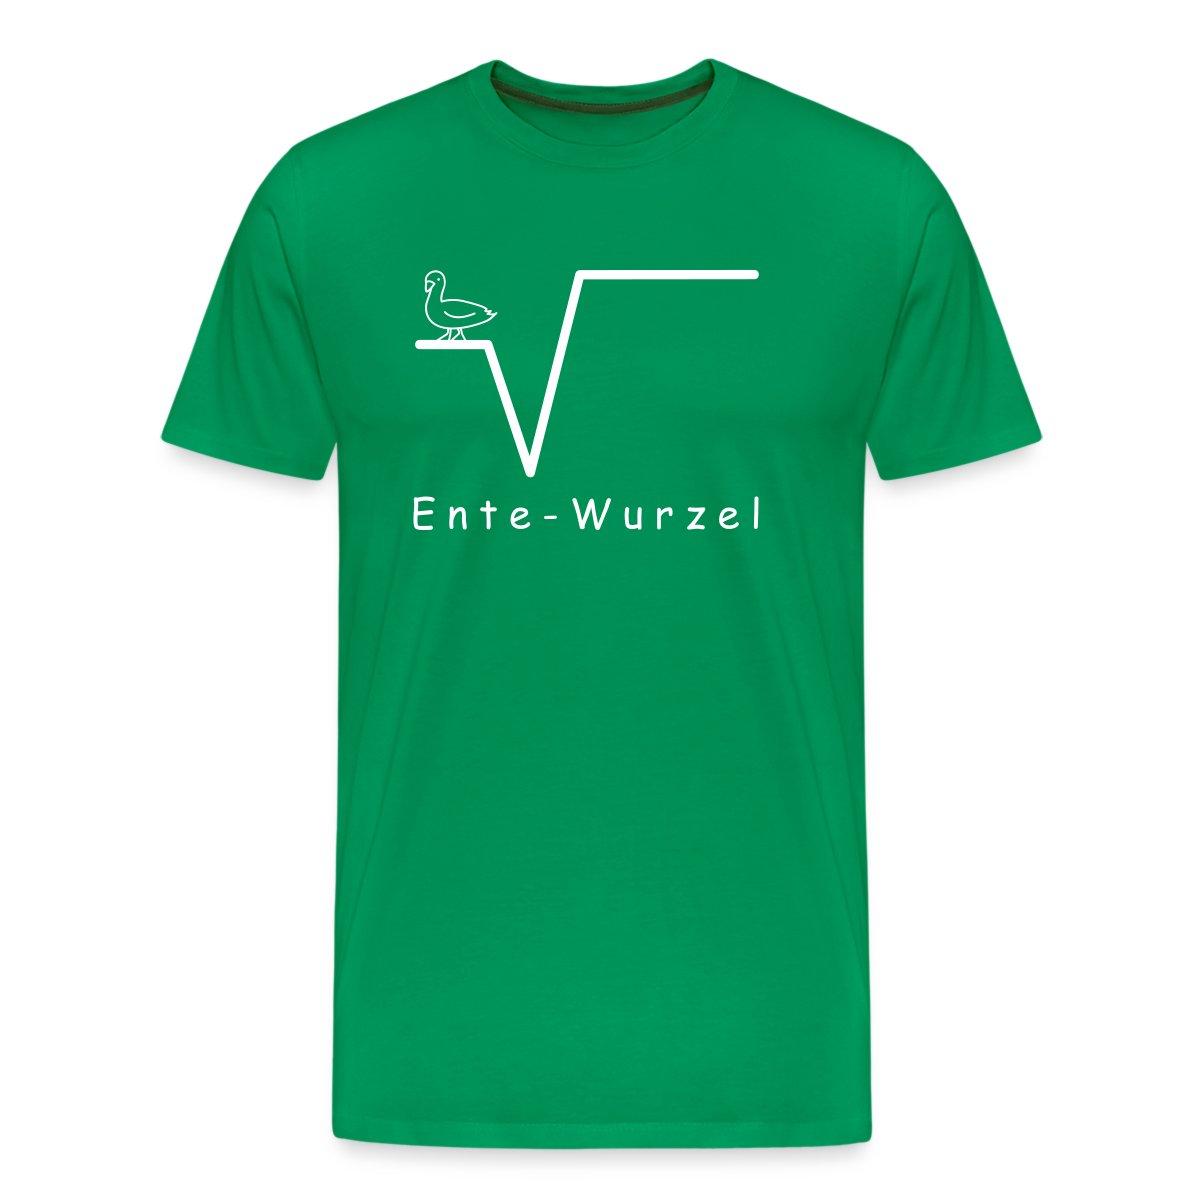 Mathe-Ente-Wurzel-Nte-Nerd-Maenner-Premium-T-Shirt-von-Spreadshirt